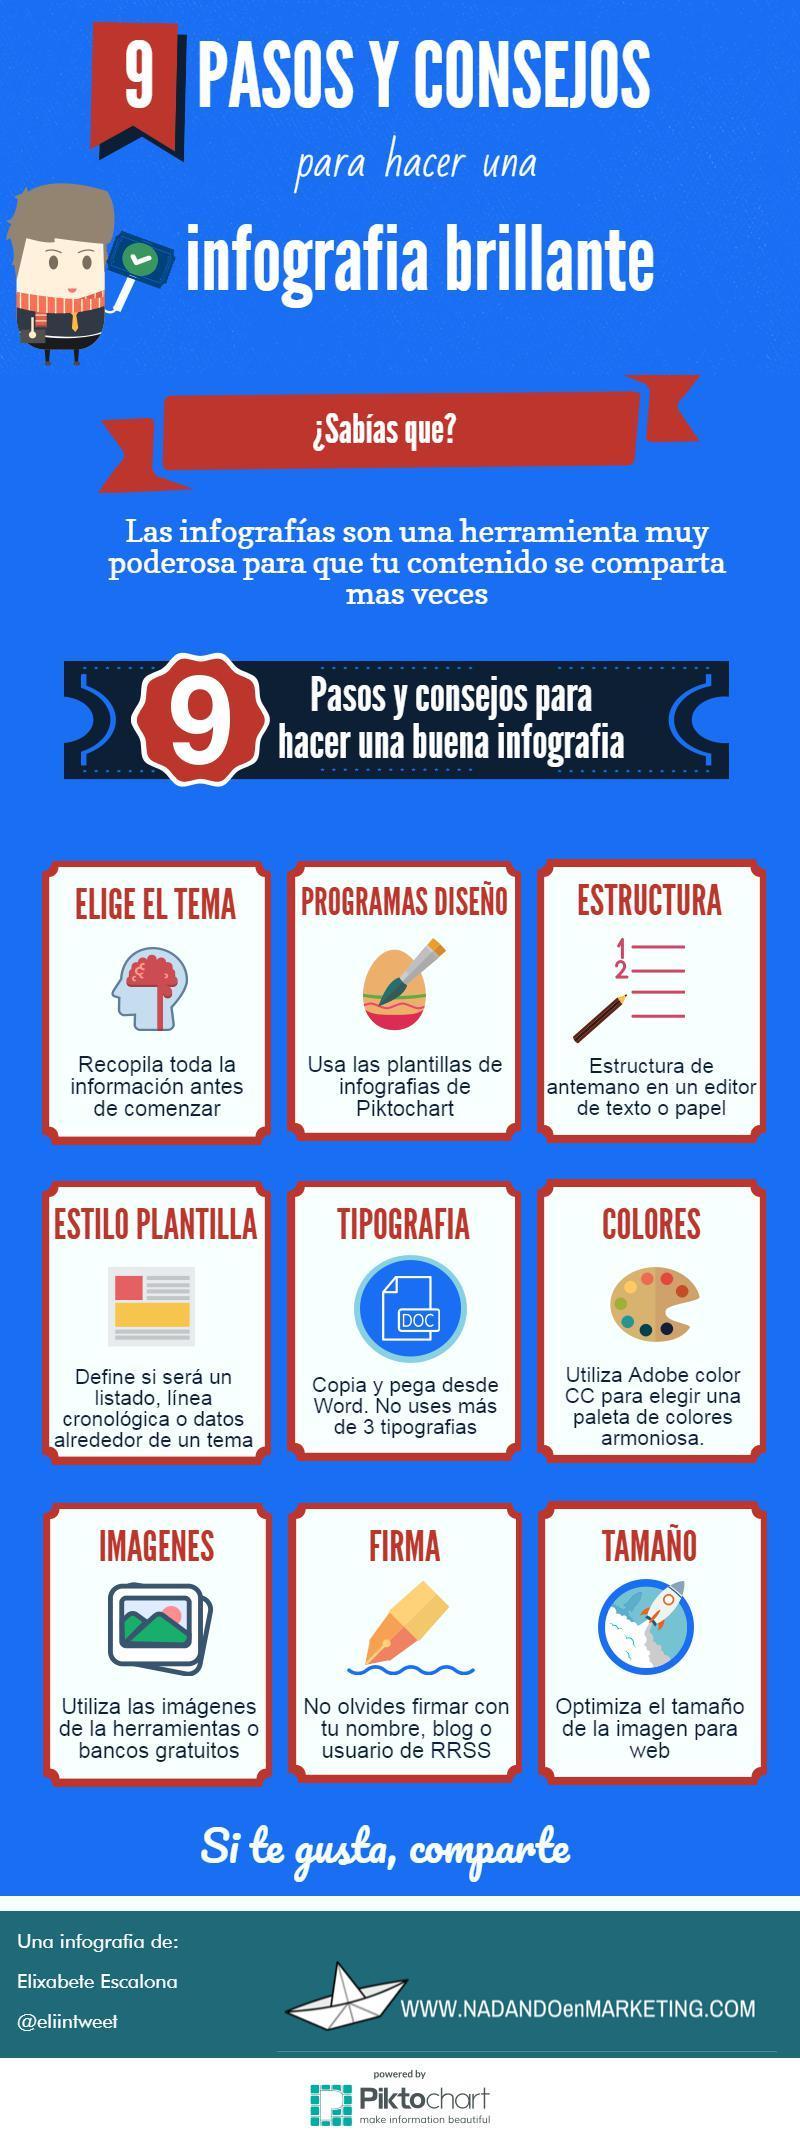 9 pasos y consejos para hacer una Infografía brillante #infografia #infographic